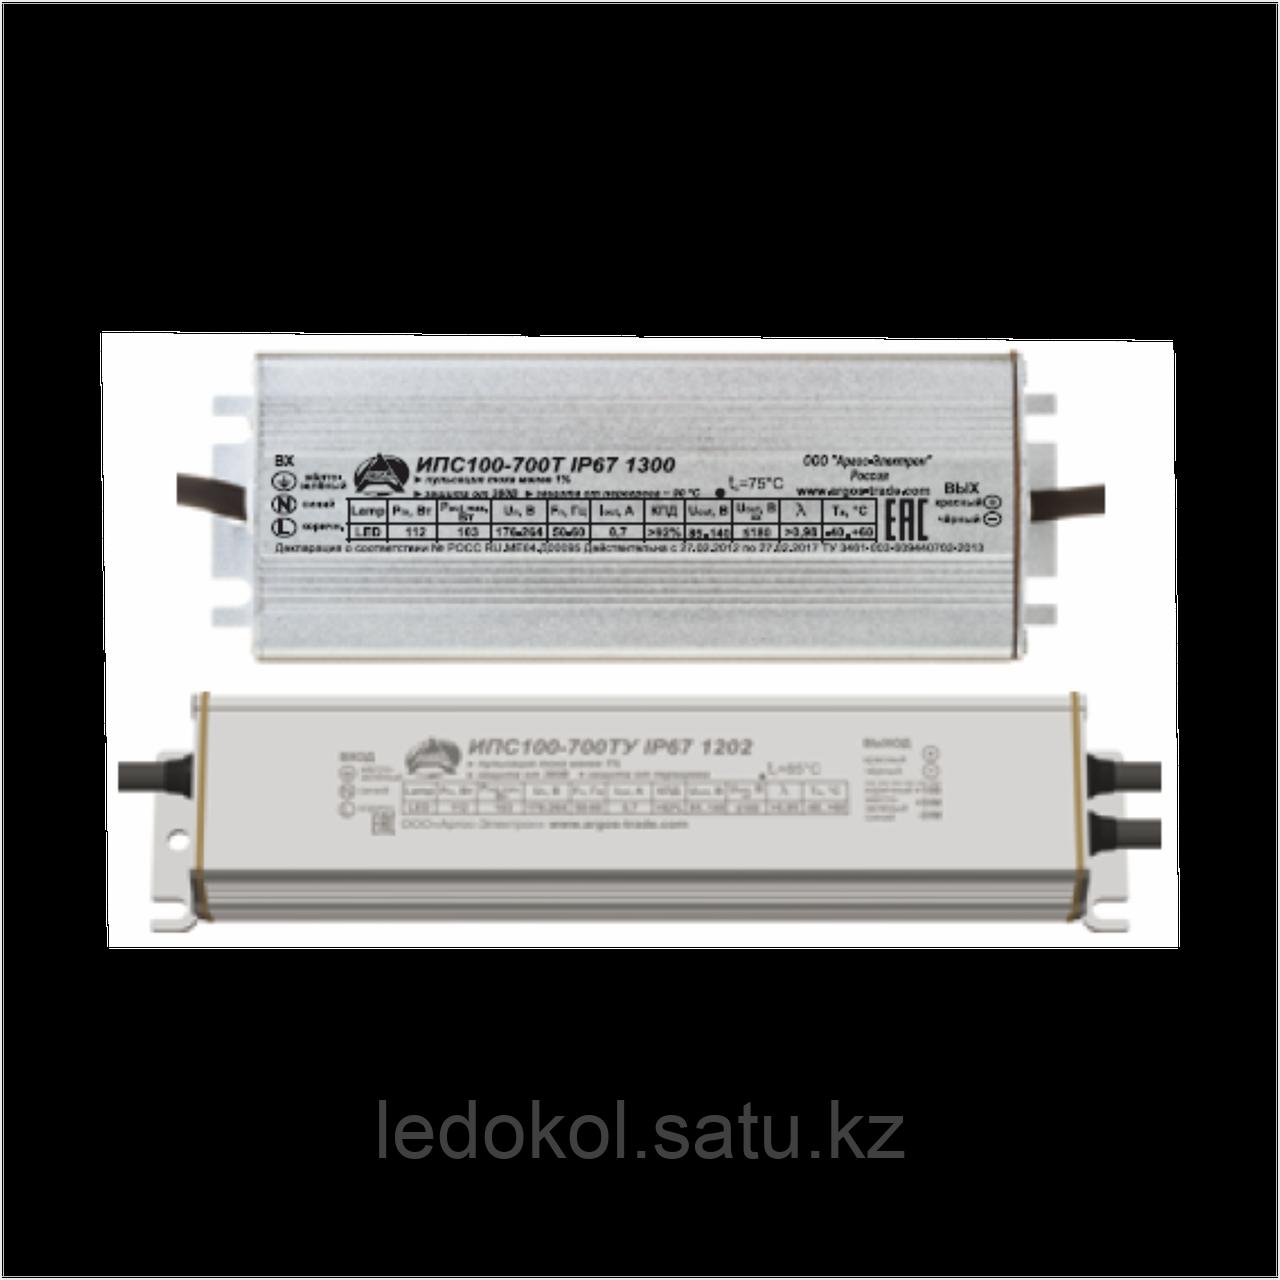 Источник питания Аргос ИПС100-700Т IP67 ПРОМ  1200